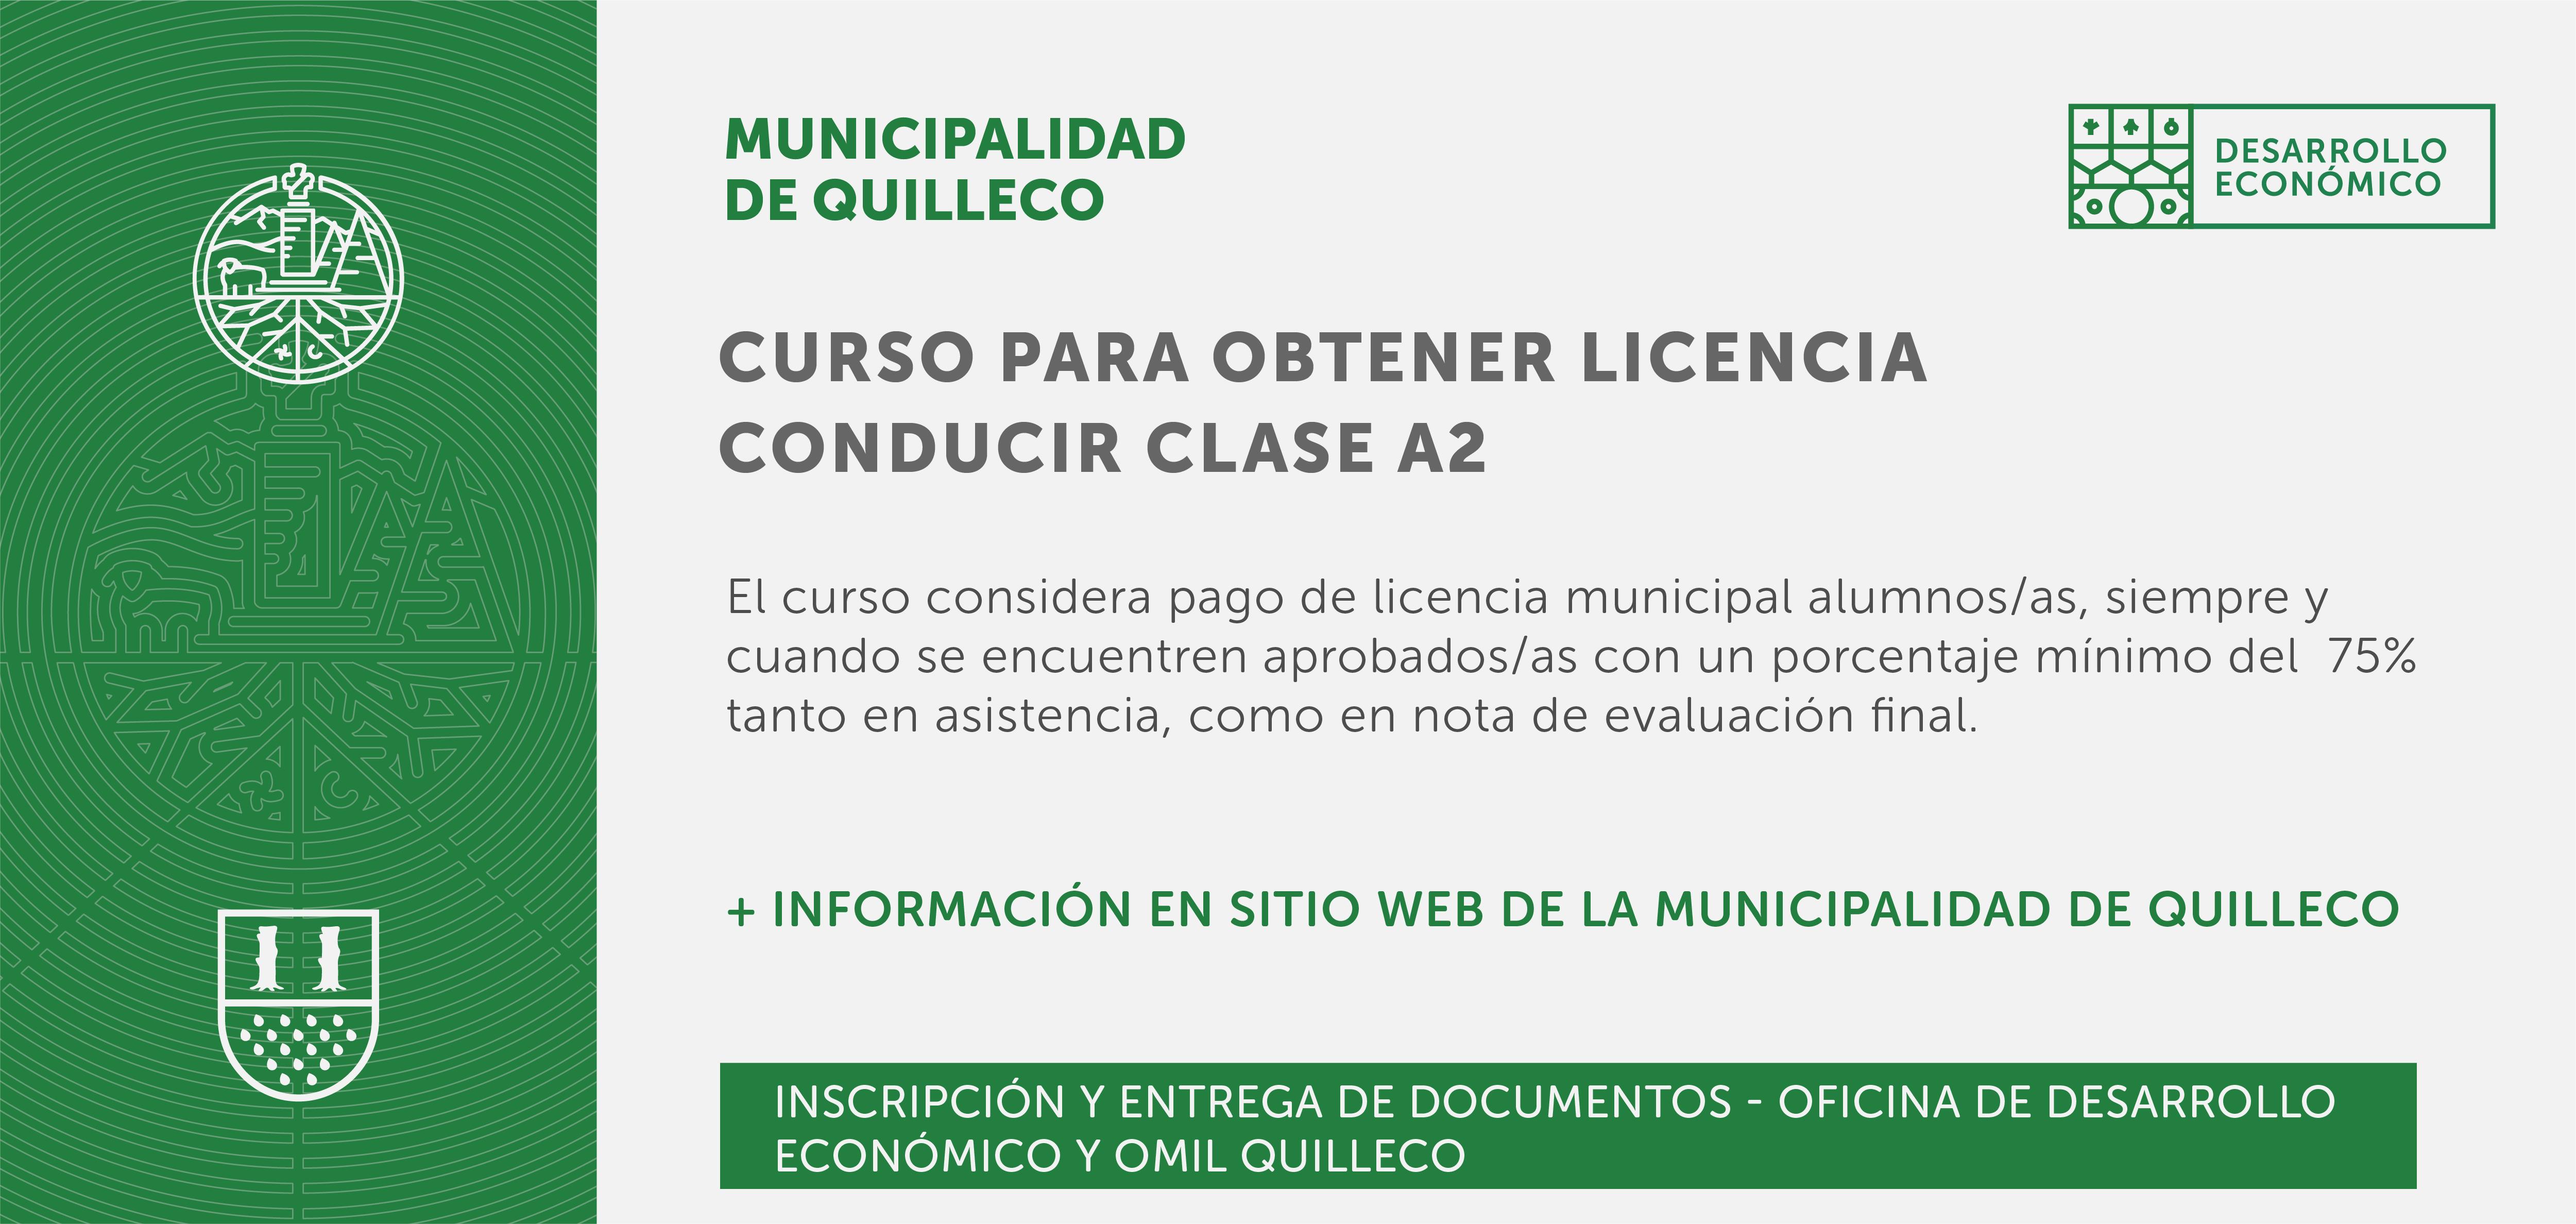 La Unidad de Desarrollo Económico hace el llamado para acceder a los cupos del curso para obtener Licencia Conducir Clase A2